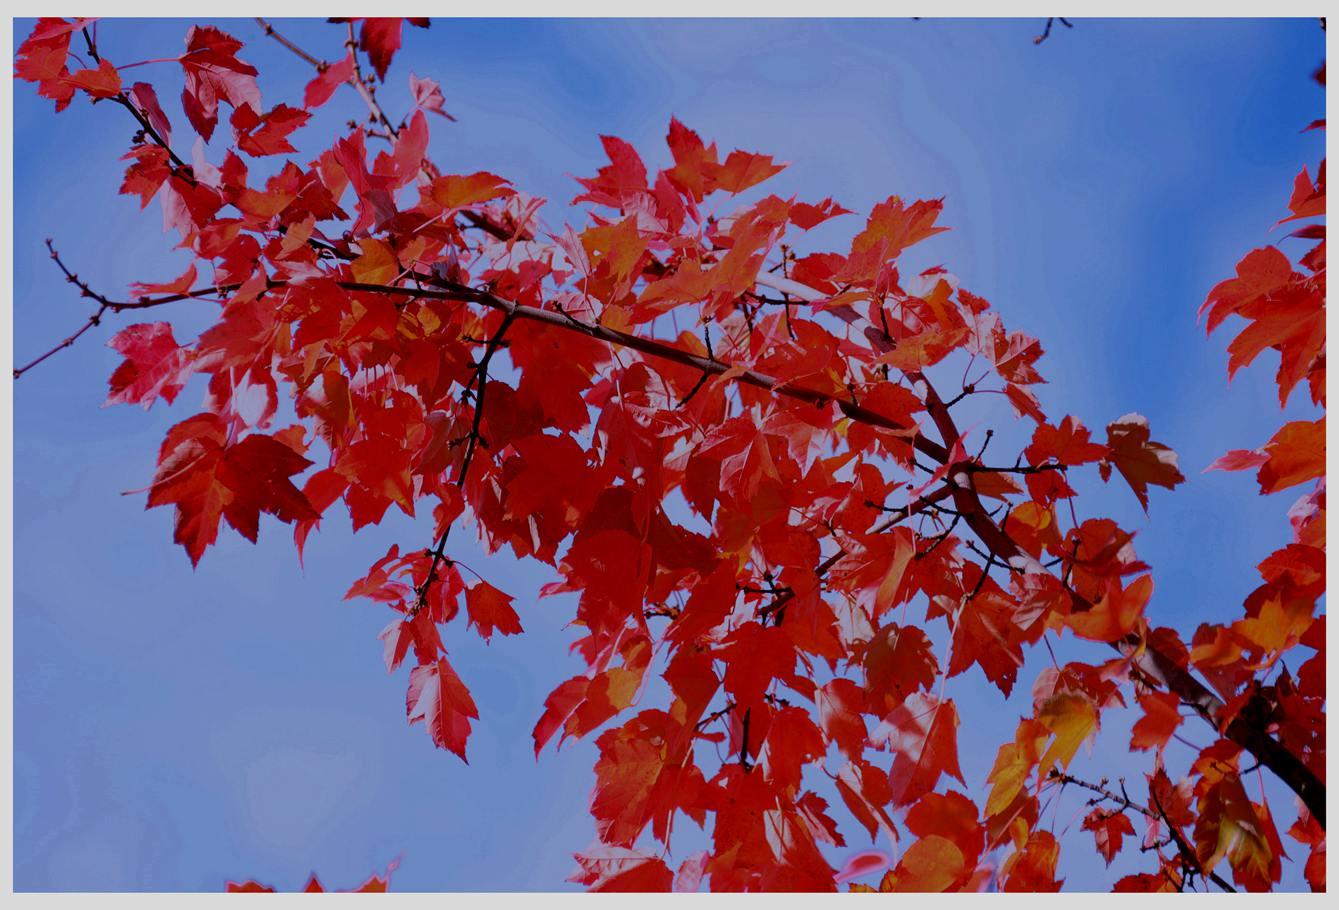 风光] 叶到红时勘比花—实拍美国东部深秋红叶_图1-26